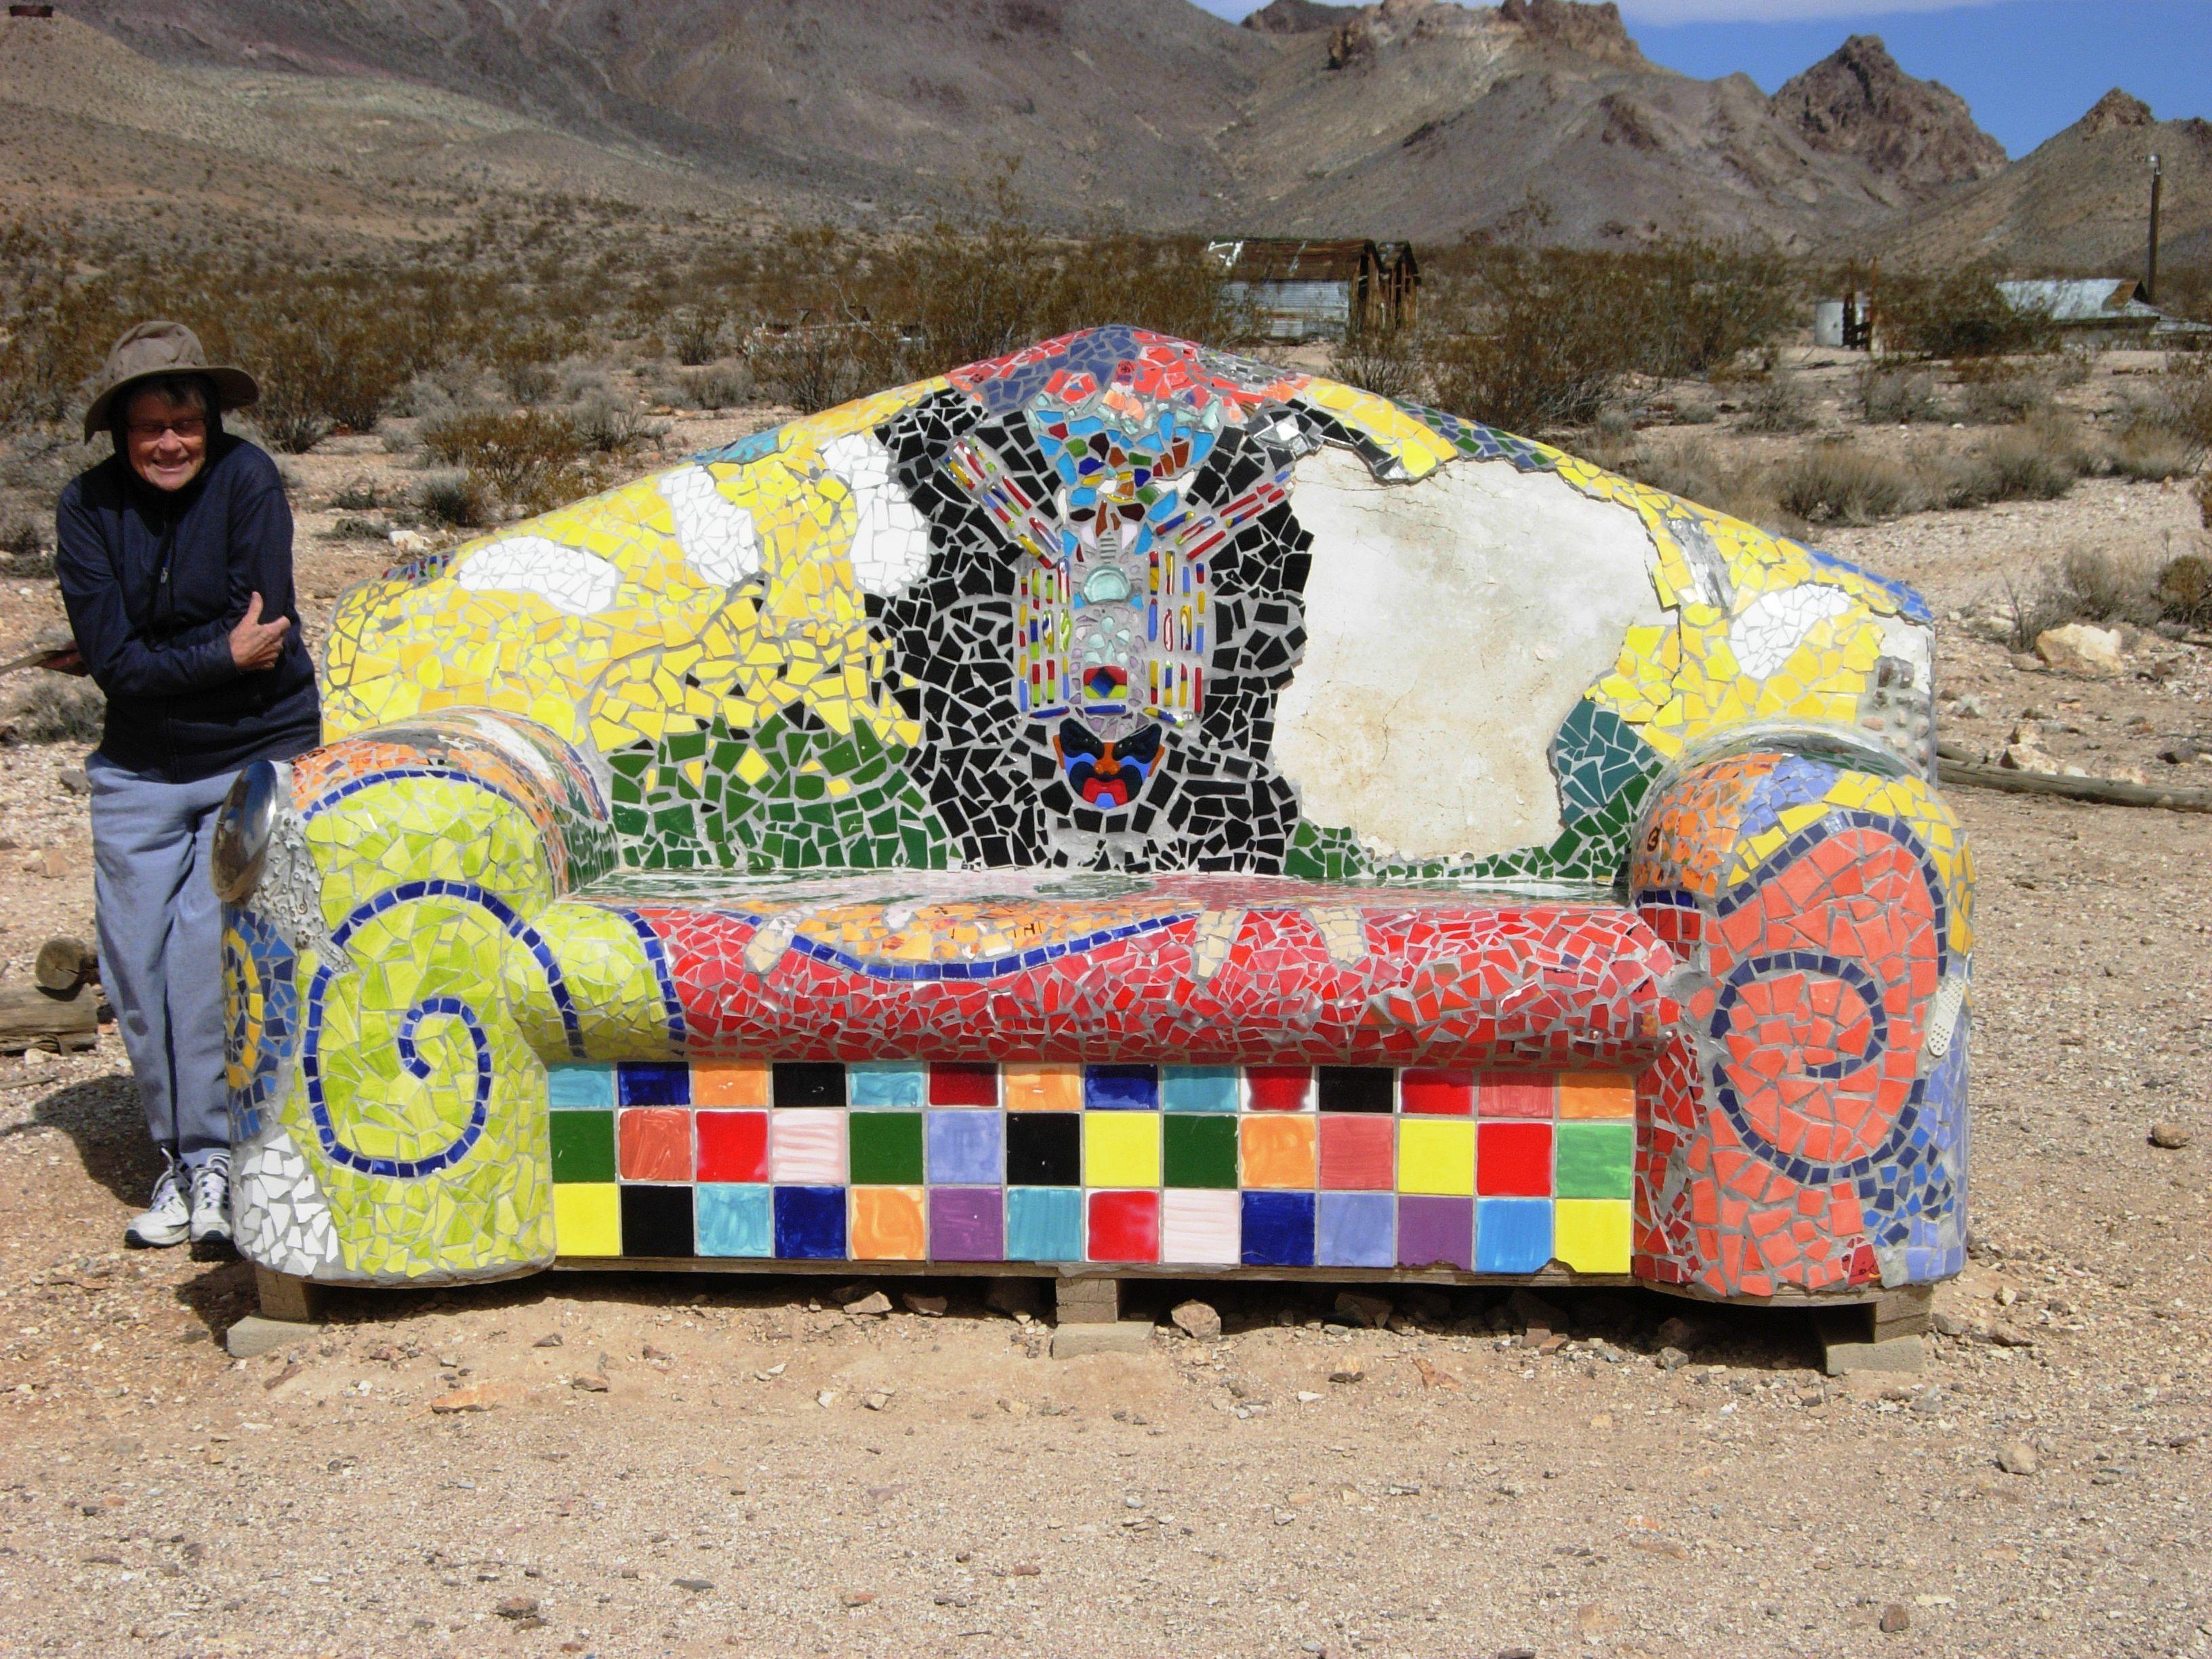 Overstuffed mosaic sofa at Goldwell Open Air Museum near